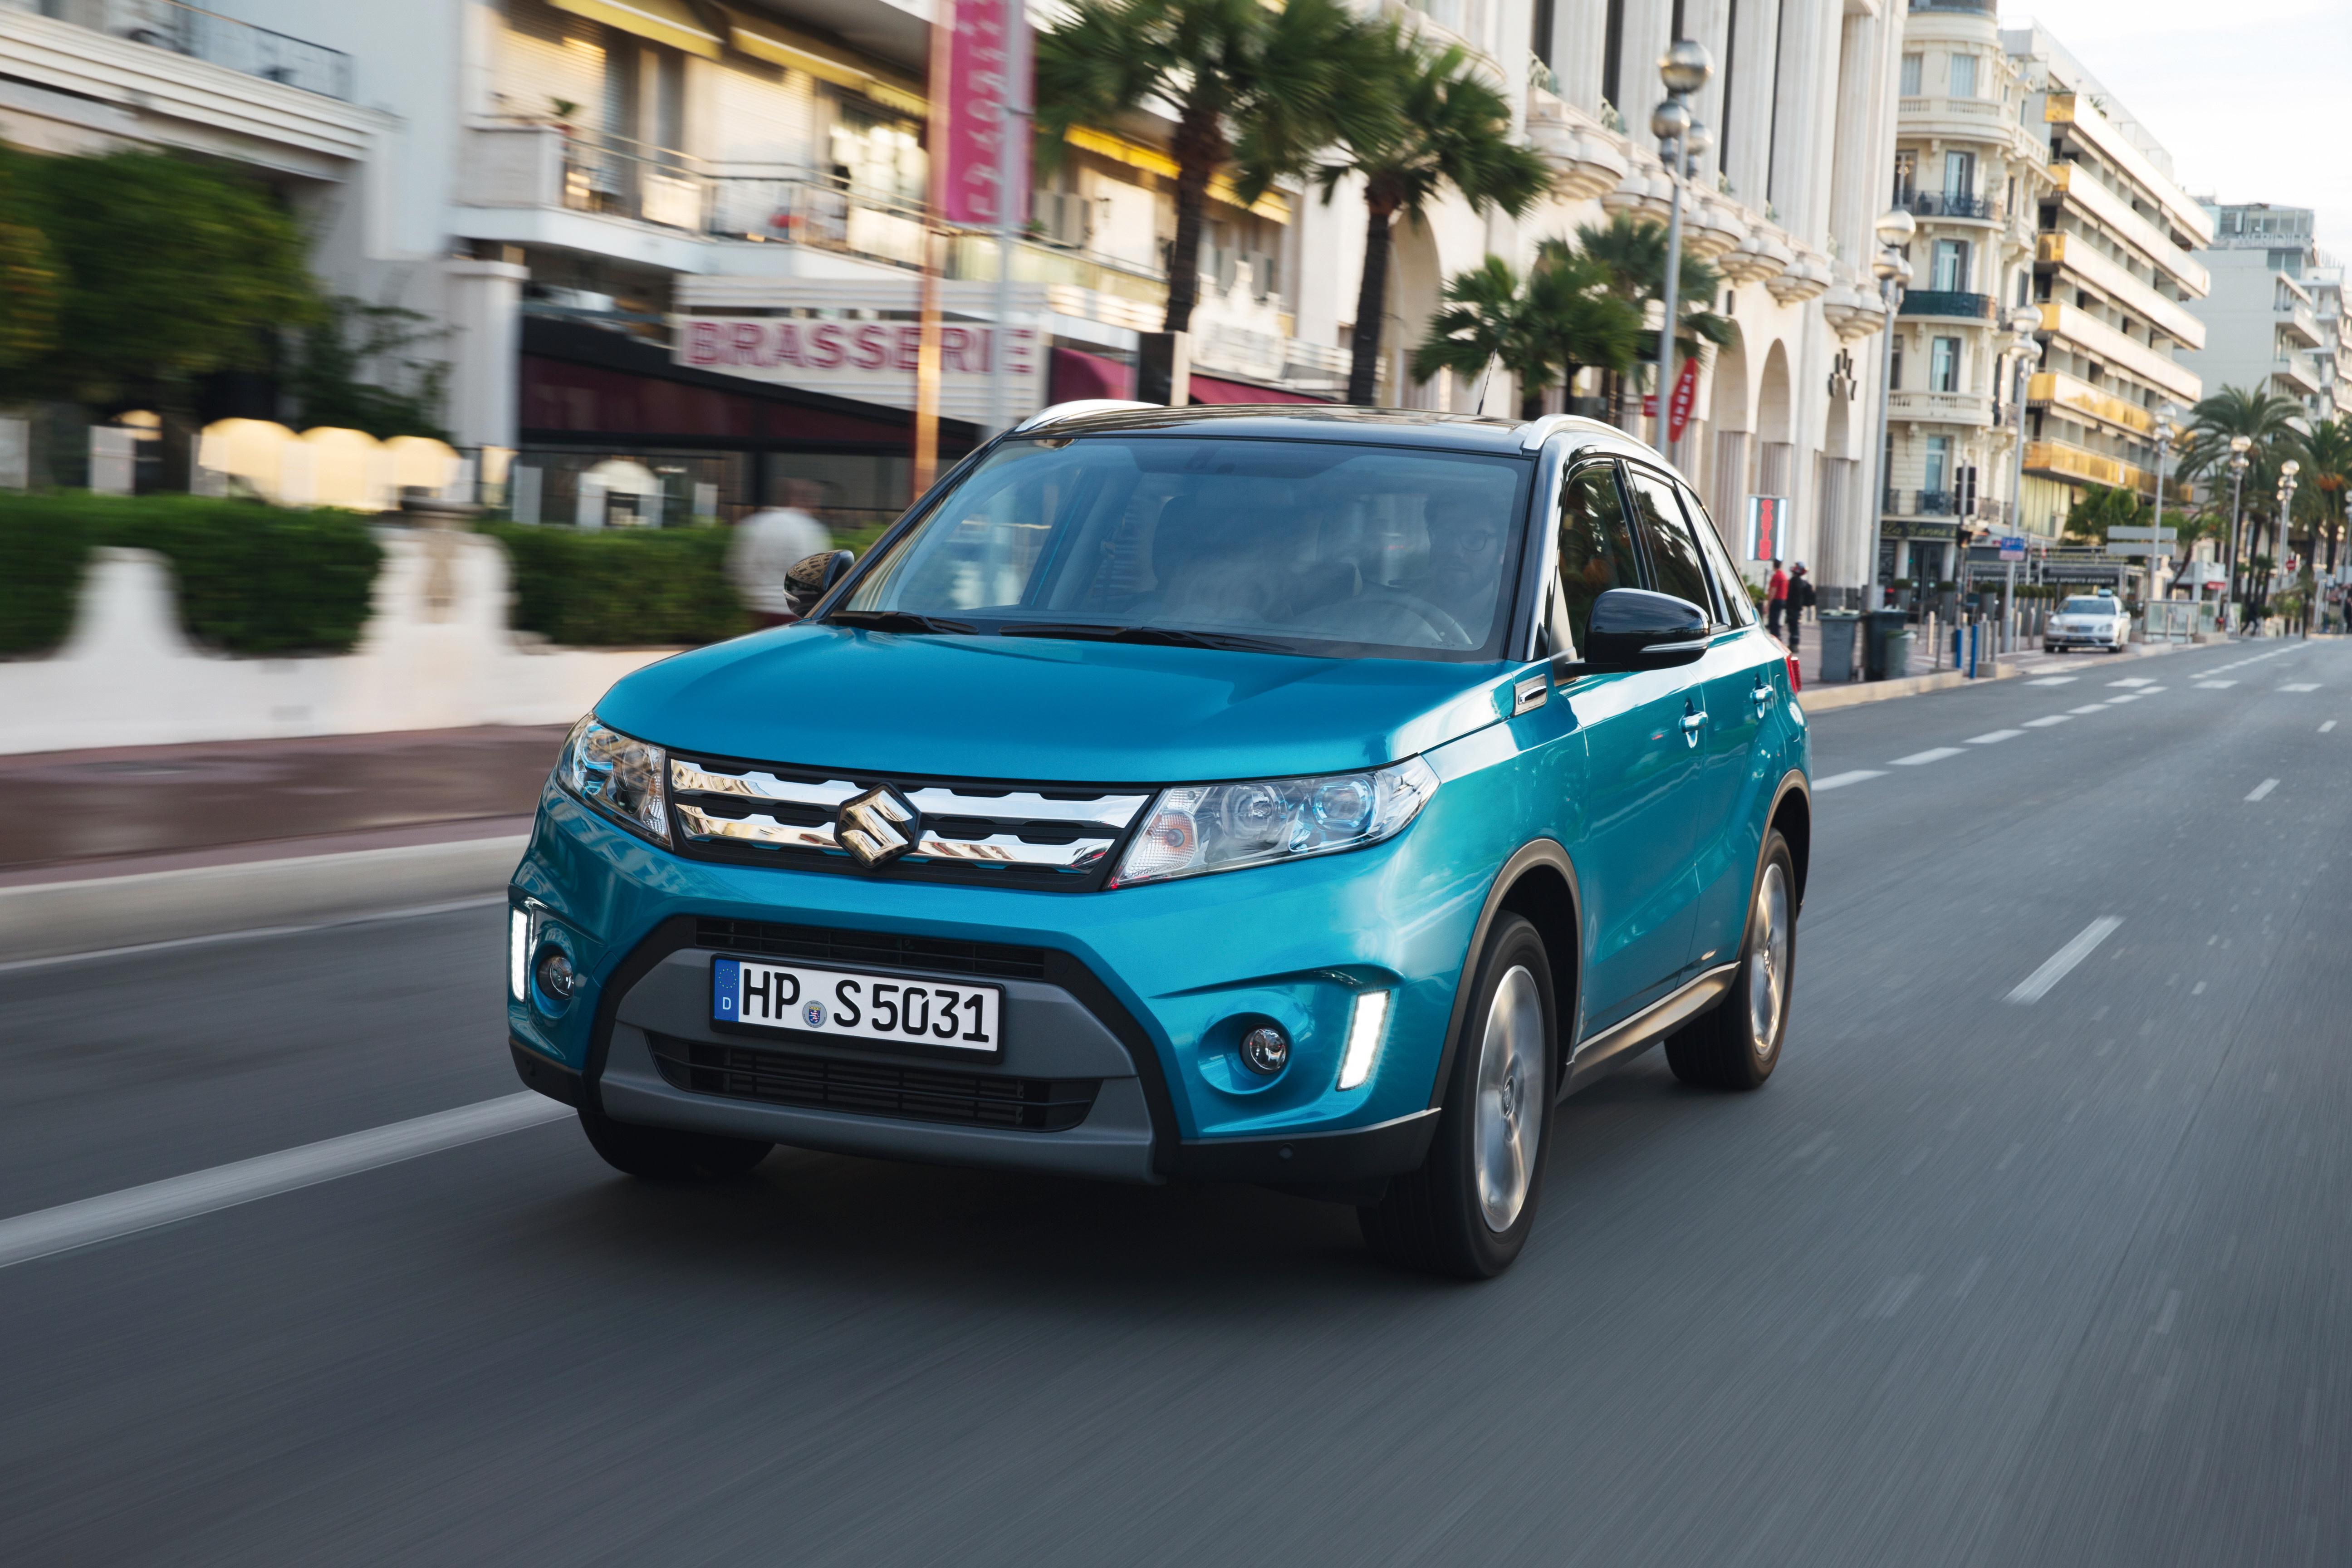 Suzuki Verkundet Preise Und Ausstattungslinien Fur Den Neuen Vitara